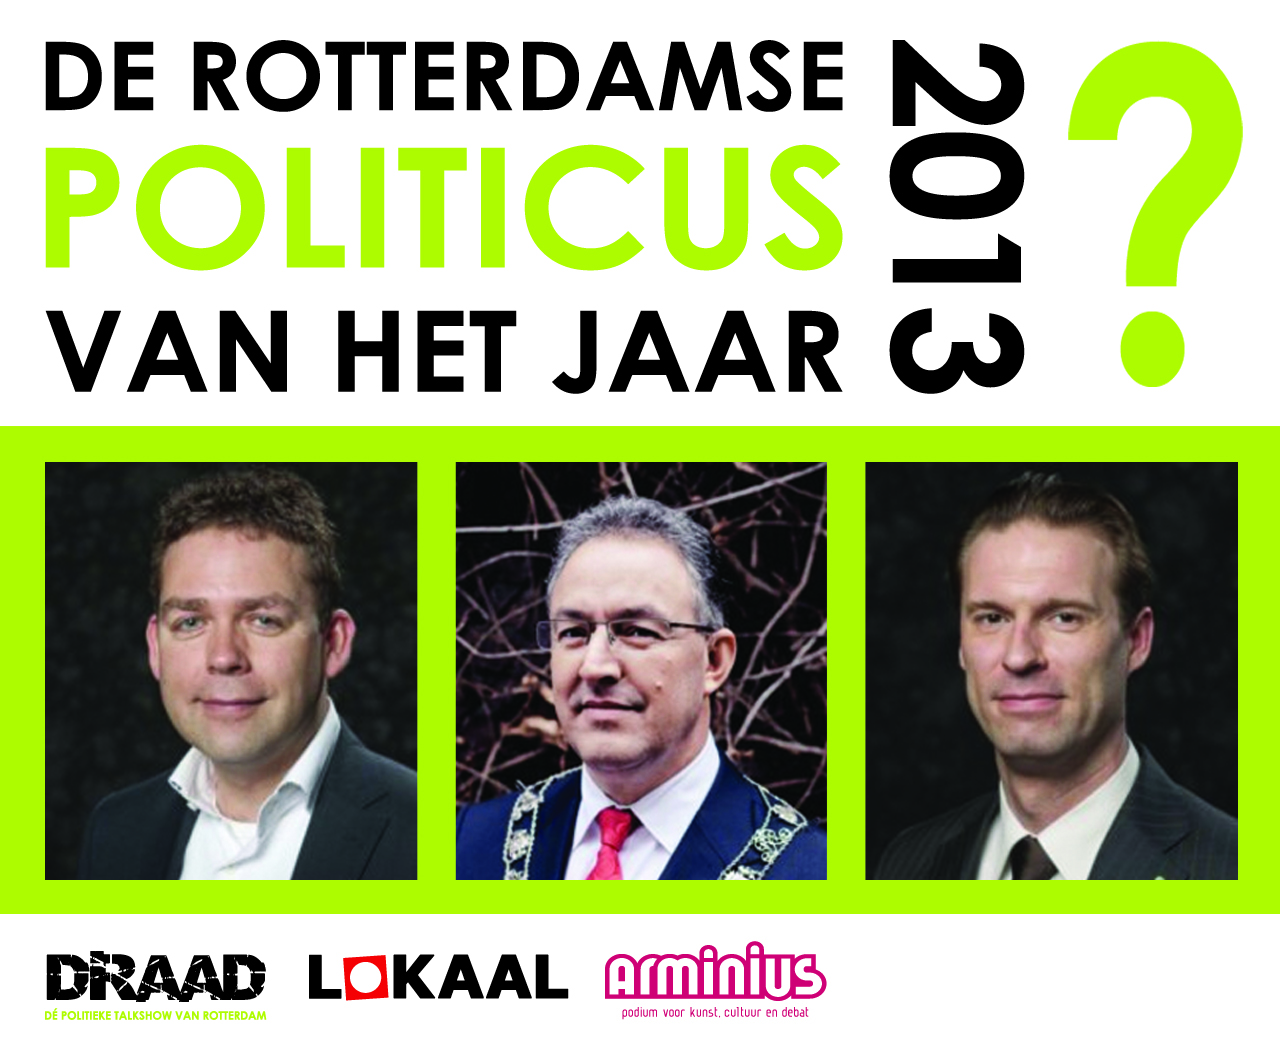 De drie genomineerden voor de beste politicus van 2013